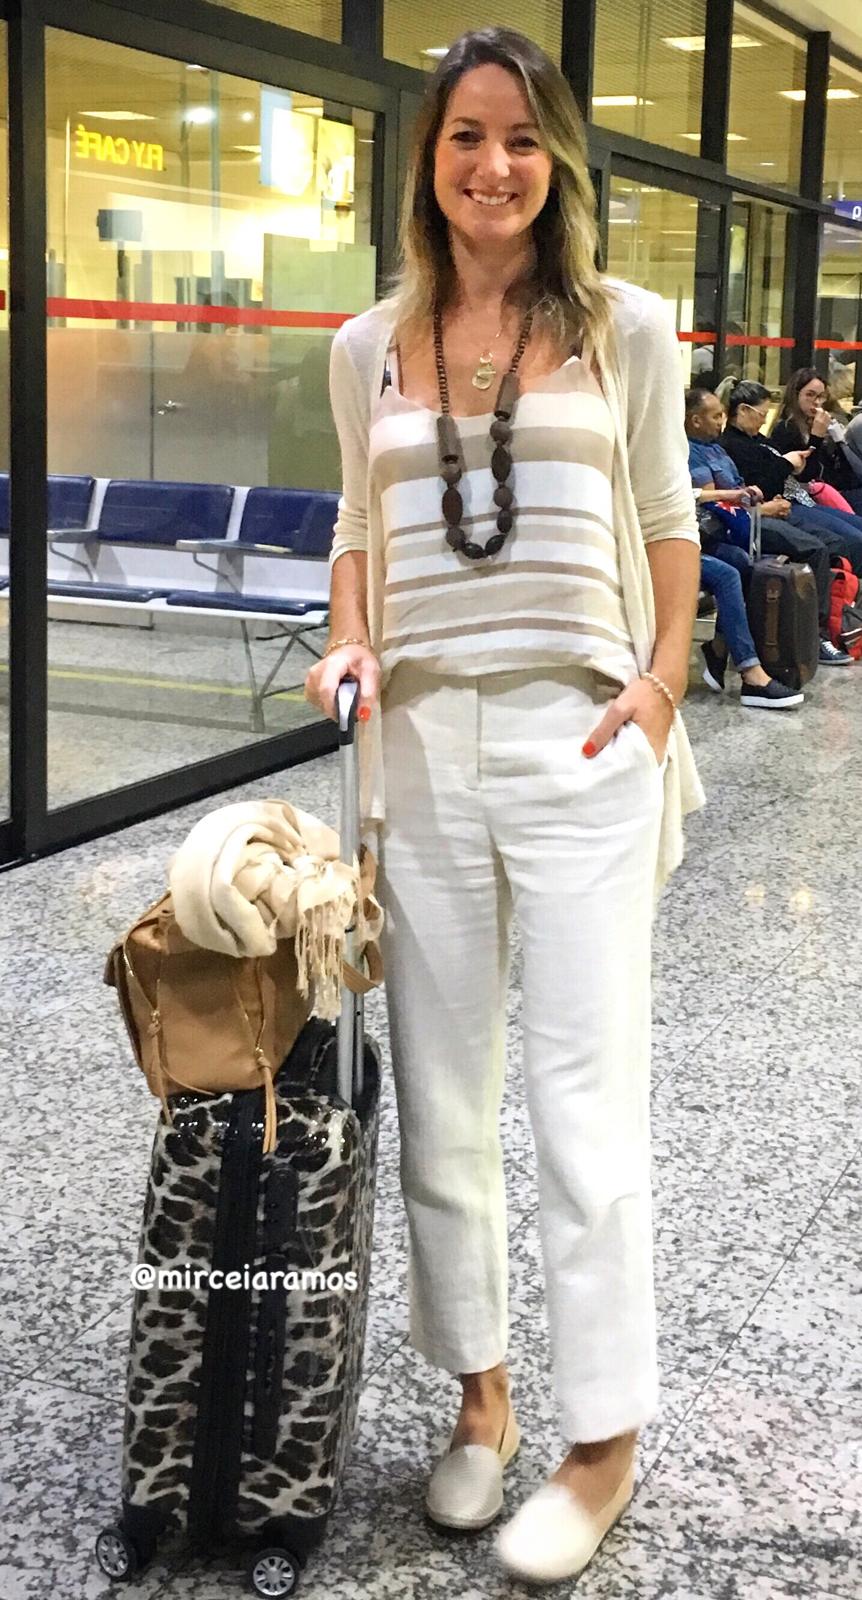 ee070e3b6 Look pra voar - aeroporto - AirPort Style - travem outfit - confortável -  calça de